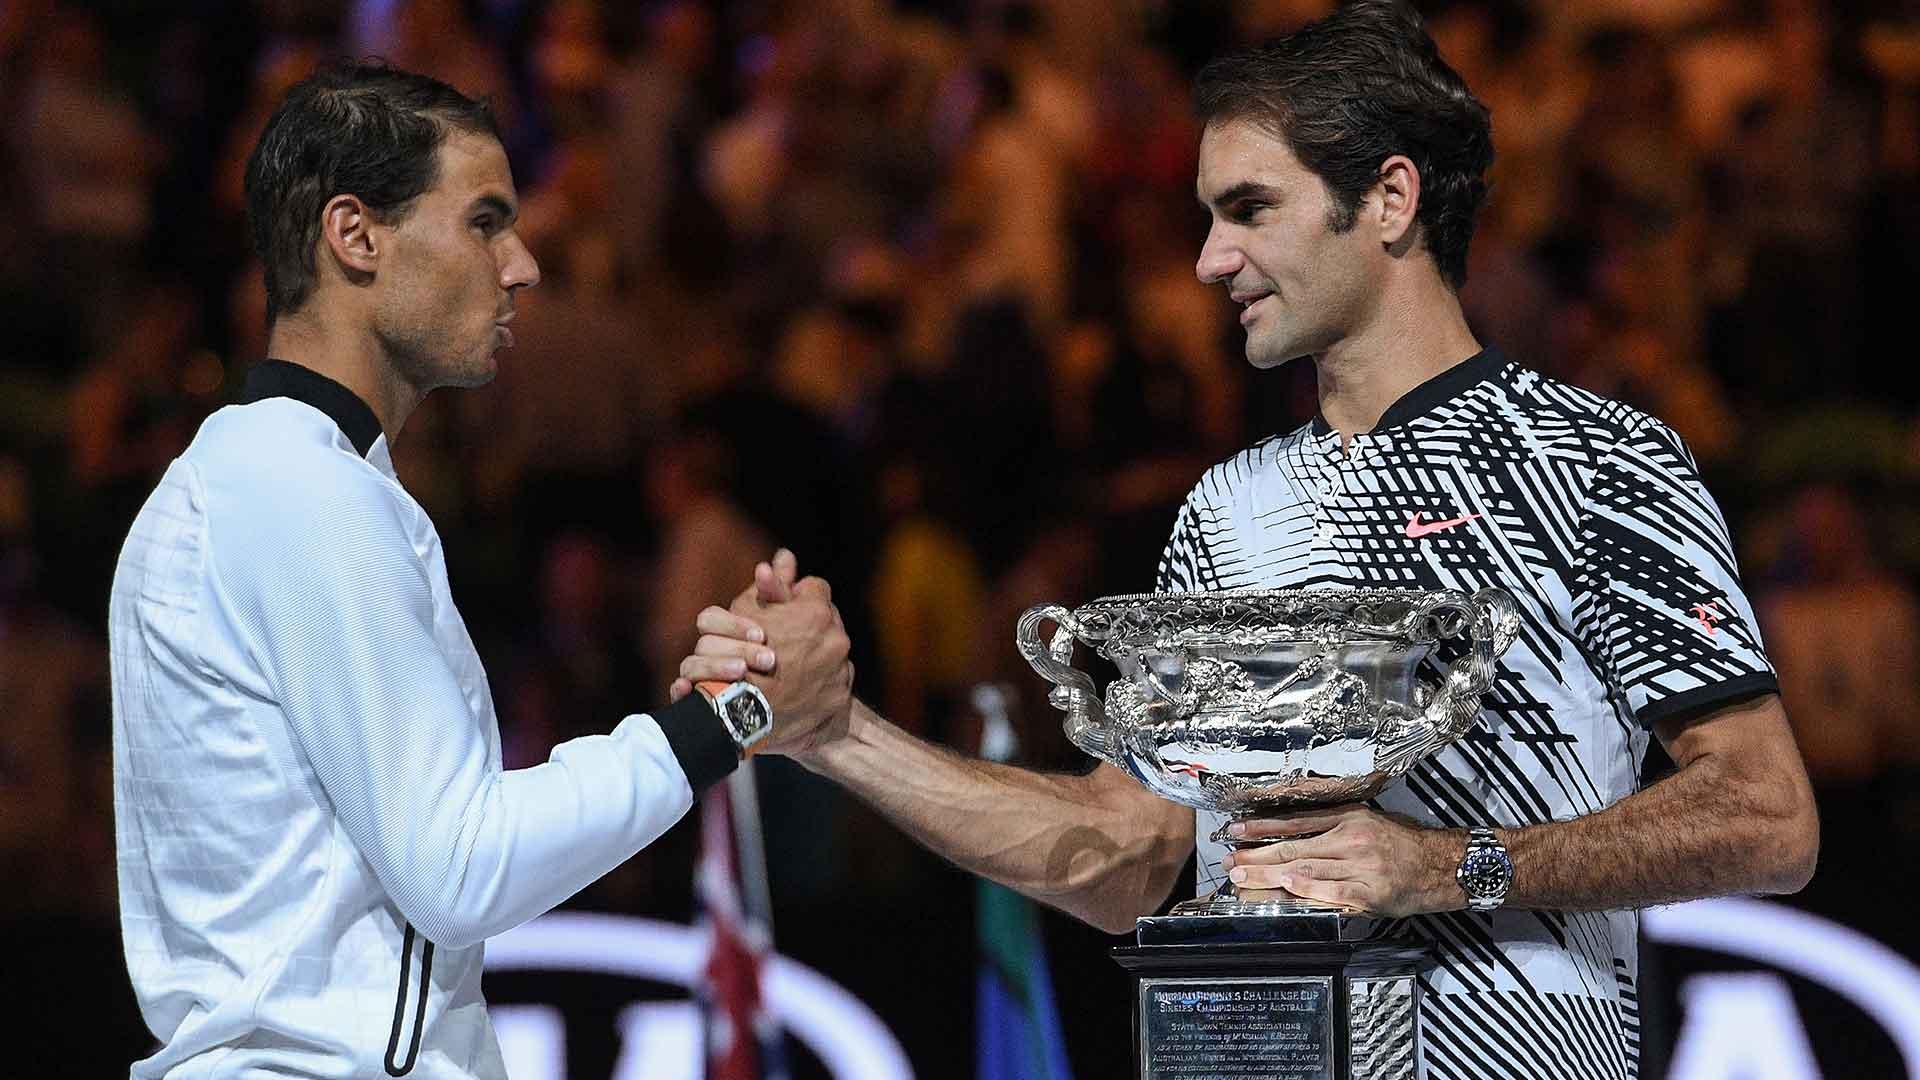 Nadal Federer Australian Open 2017 Final Handshake